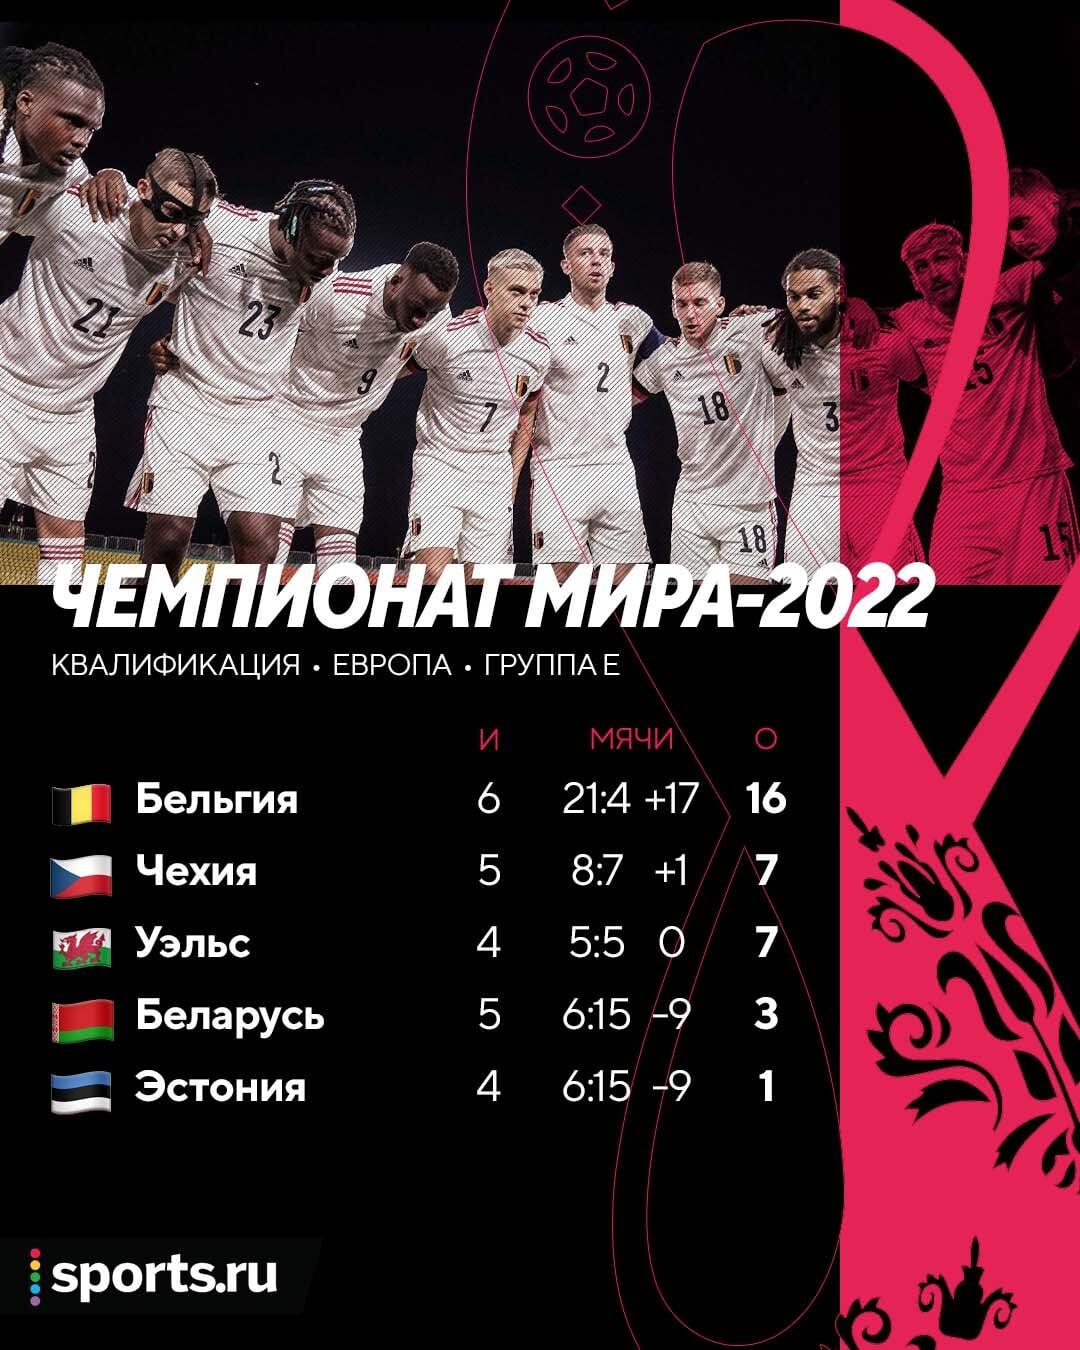 У Мойзе Кина дубль, Левандовски попросил трибуны уважать вставших на колено англичан, Бельгия забила Беларуси всего раз